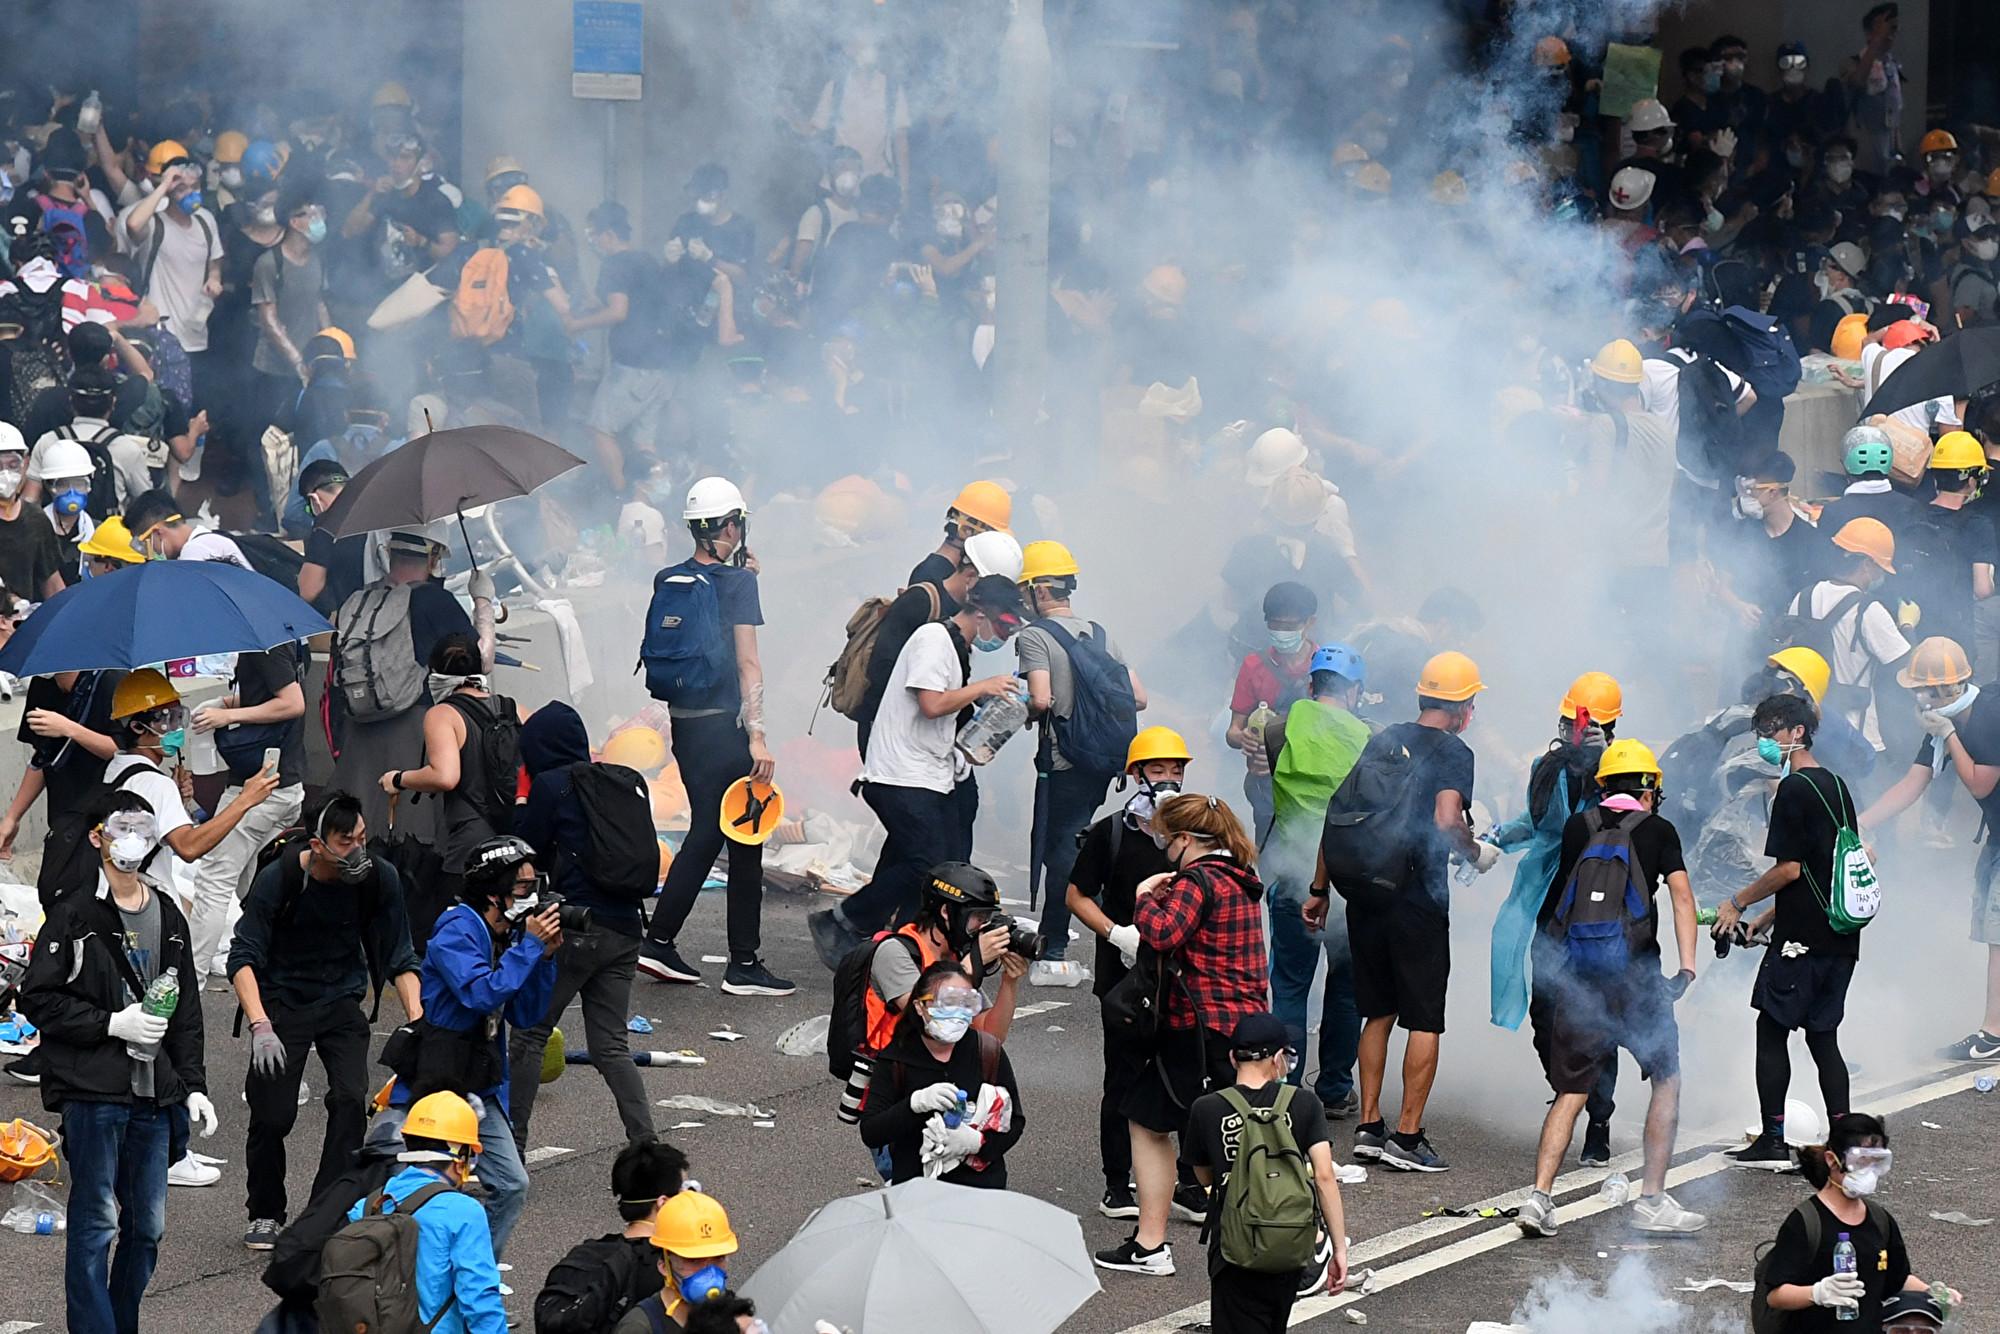 2019年6月12日,港警對手無寸鐵的群眾發射催淚煤氣與橡膠子彈,示威者以傘當盾牌抵擋。(ANTHONY WALLACE/AFP/Getty Images)